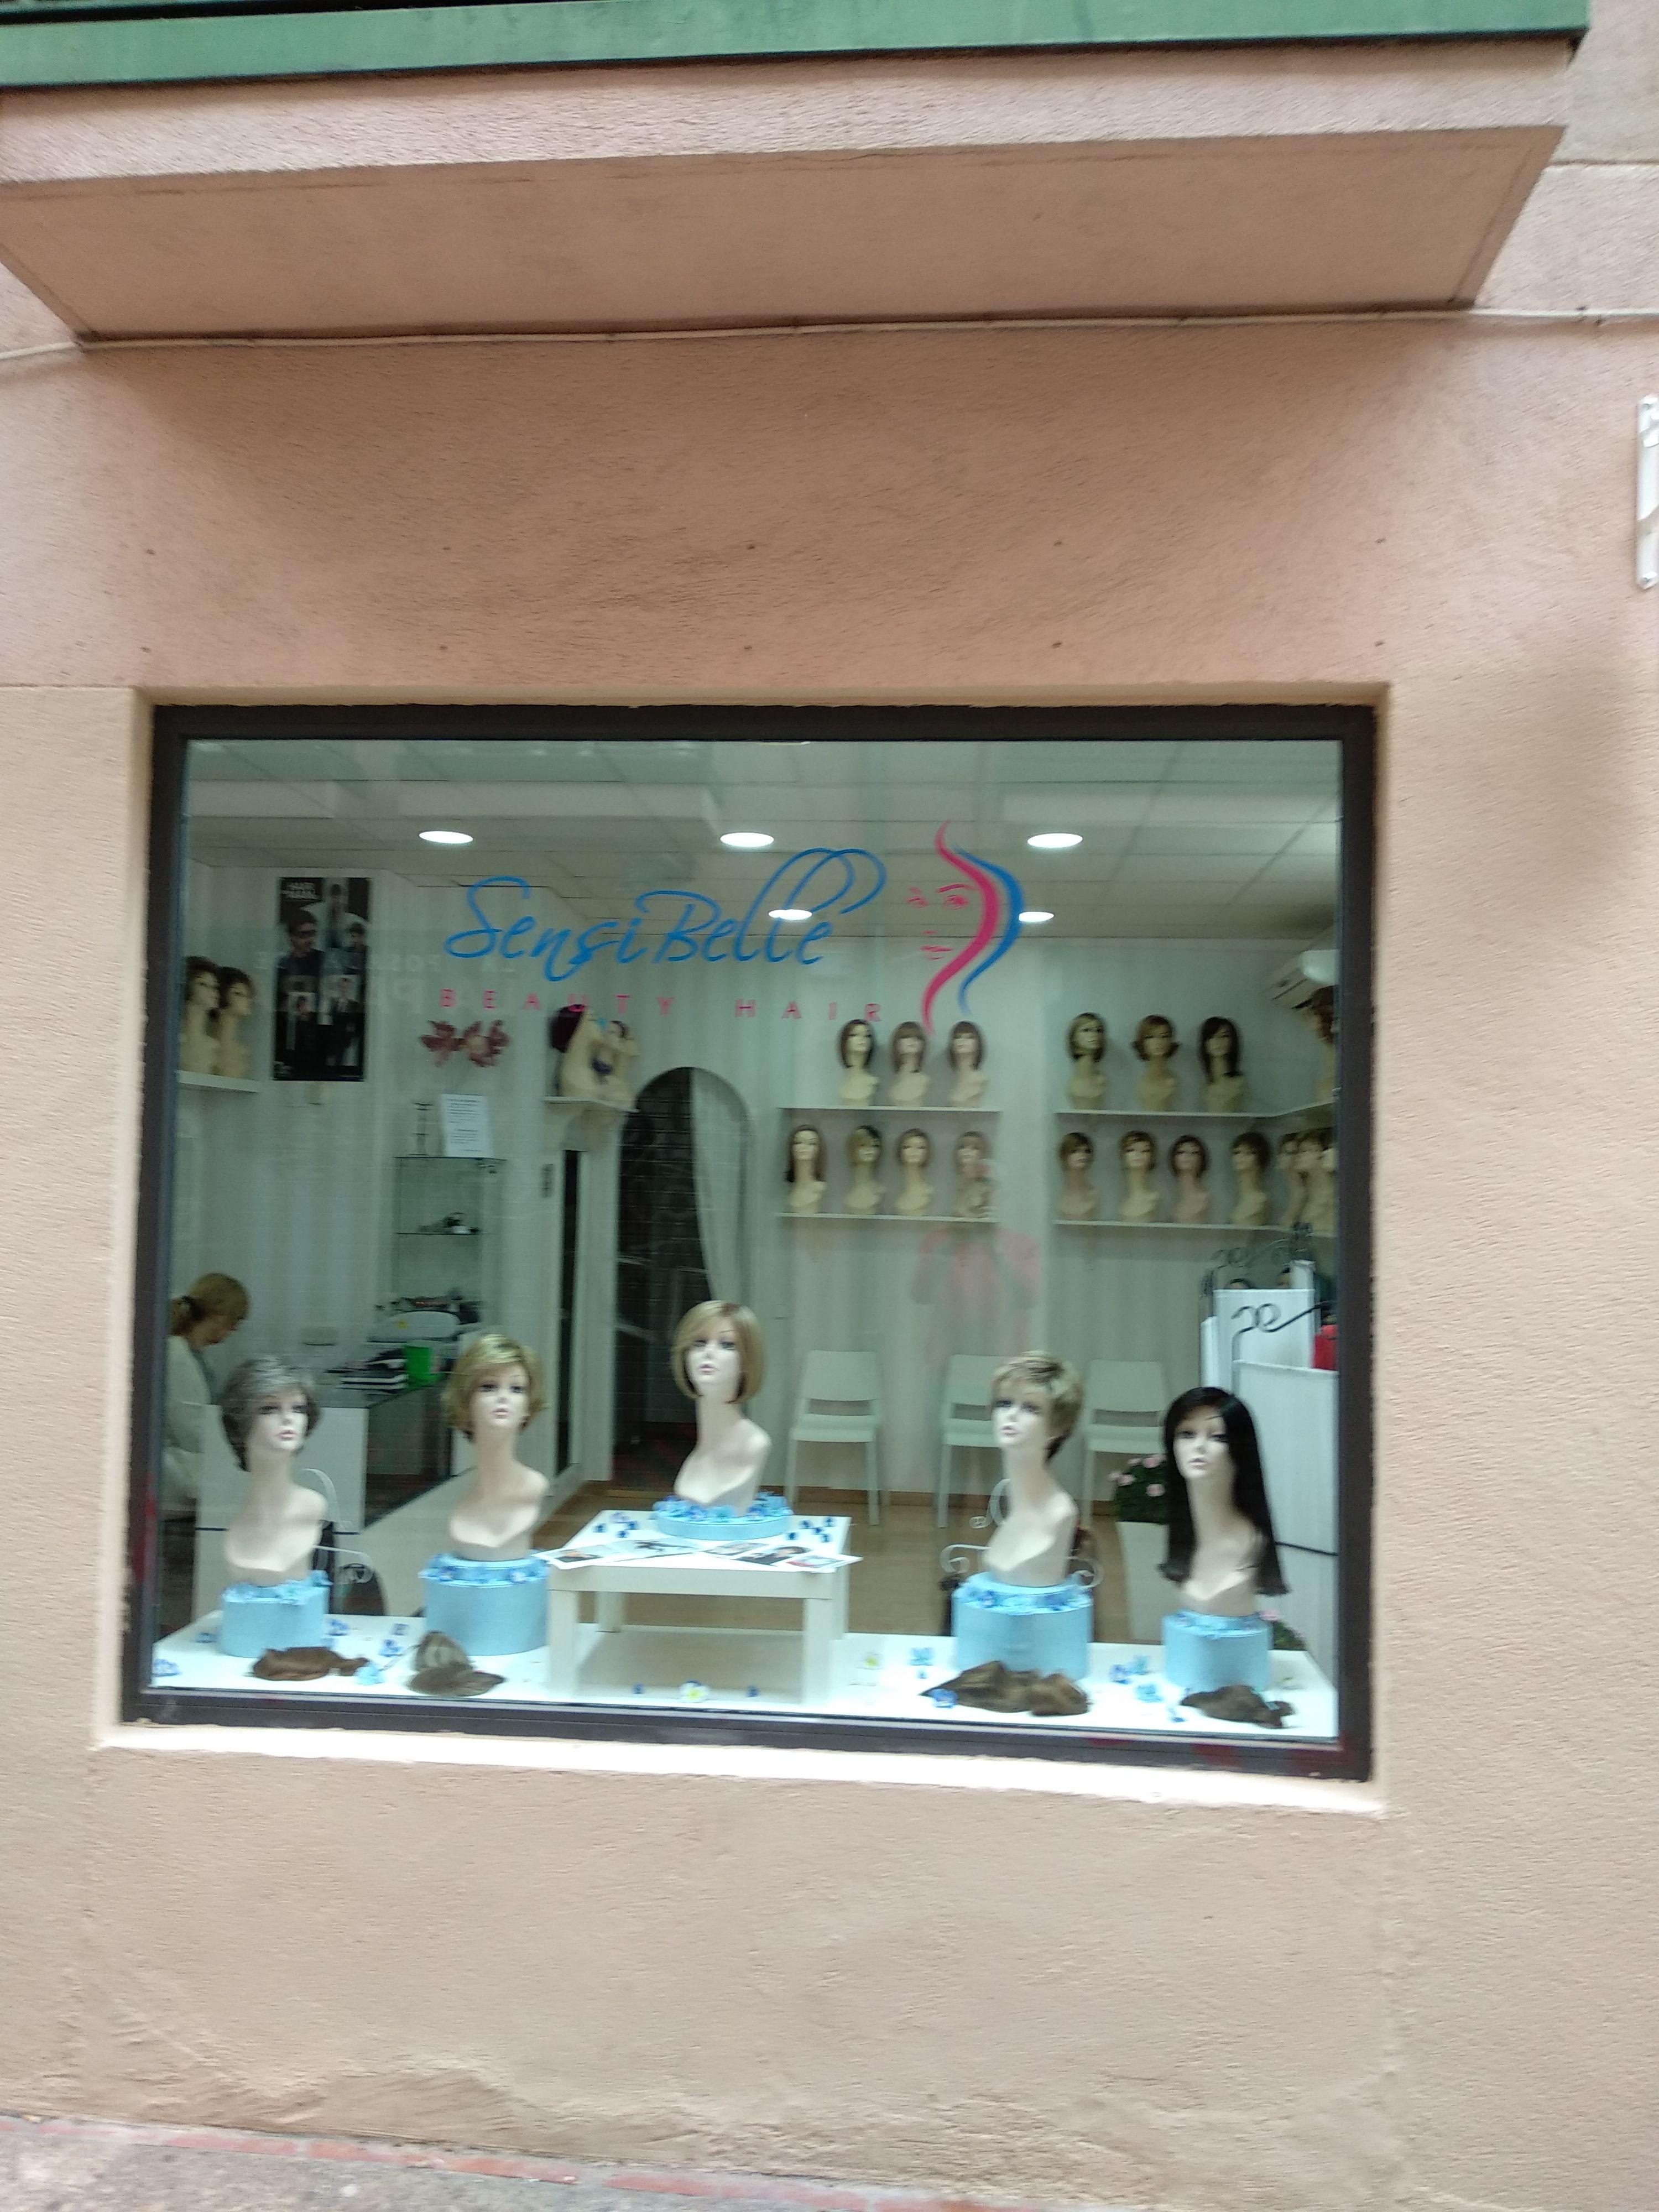 Foto 3 de Pelucas y extensiones en Alcalá de Henares | SensiBelle Beauty Hair